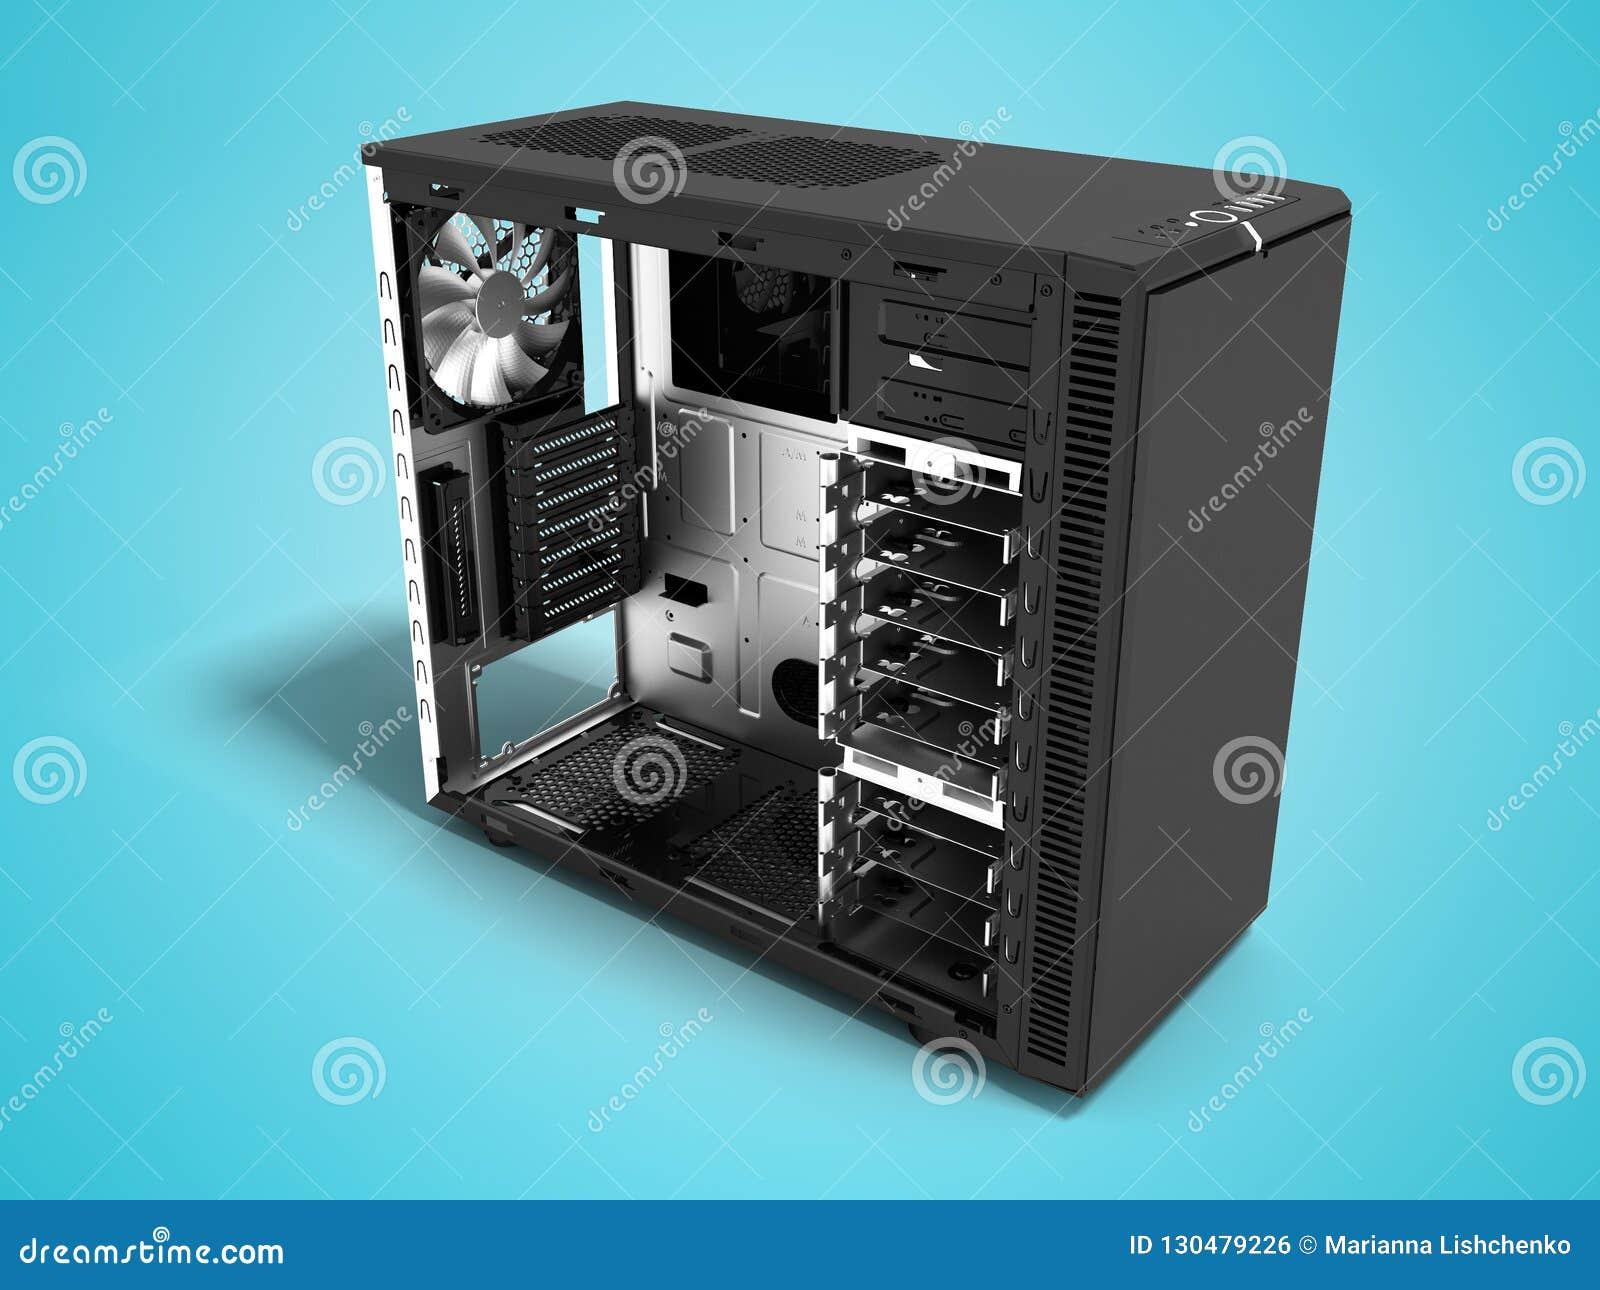 Η σύγχρονη μονάδα συστημάτων μετάλλων μαύρη κενή για τη συνέλευση υπολογιστών τρισδιάστατη δίνει στο μπλε υπόβαθρο με τη σκιά